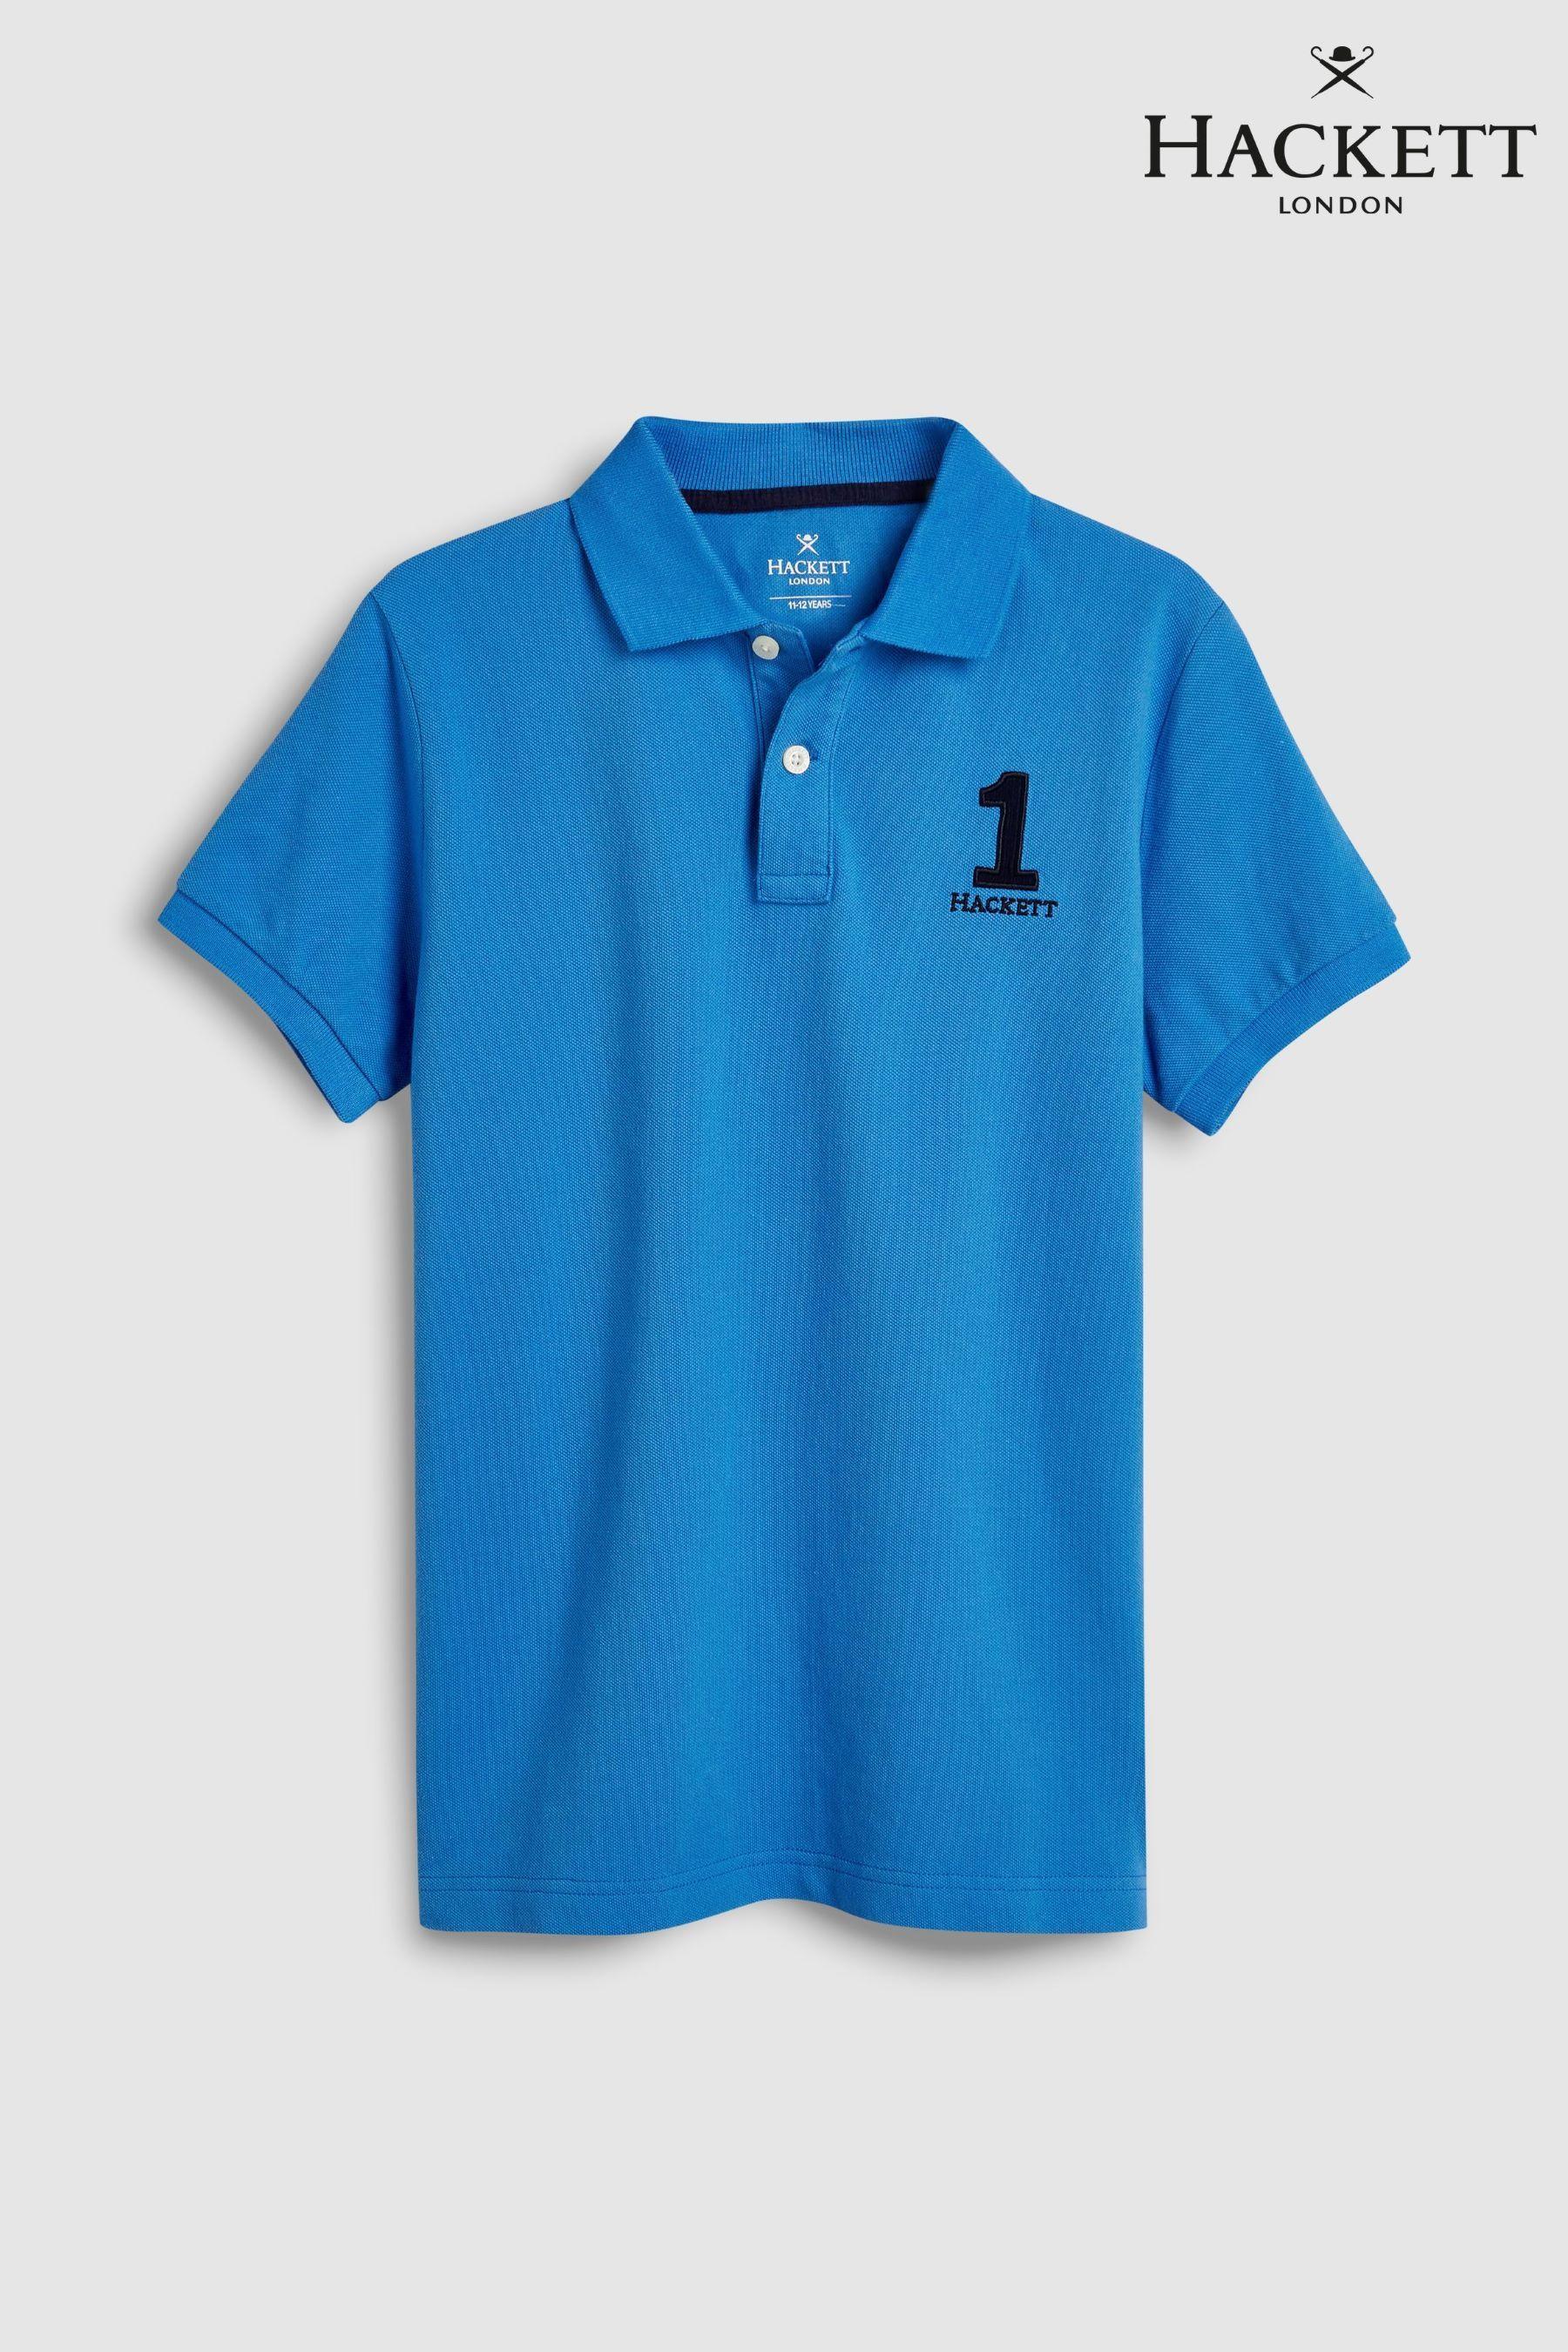 Hackett London Boys New Classic Polo Shirt